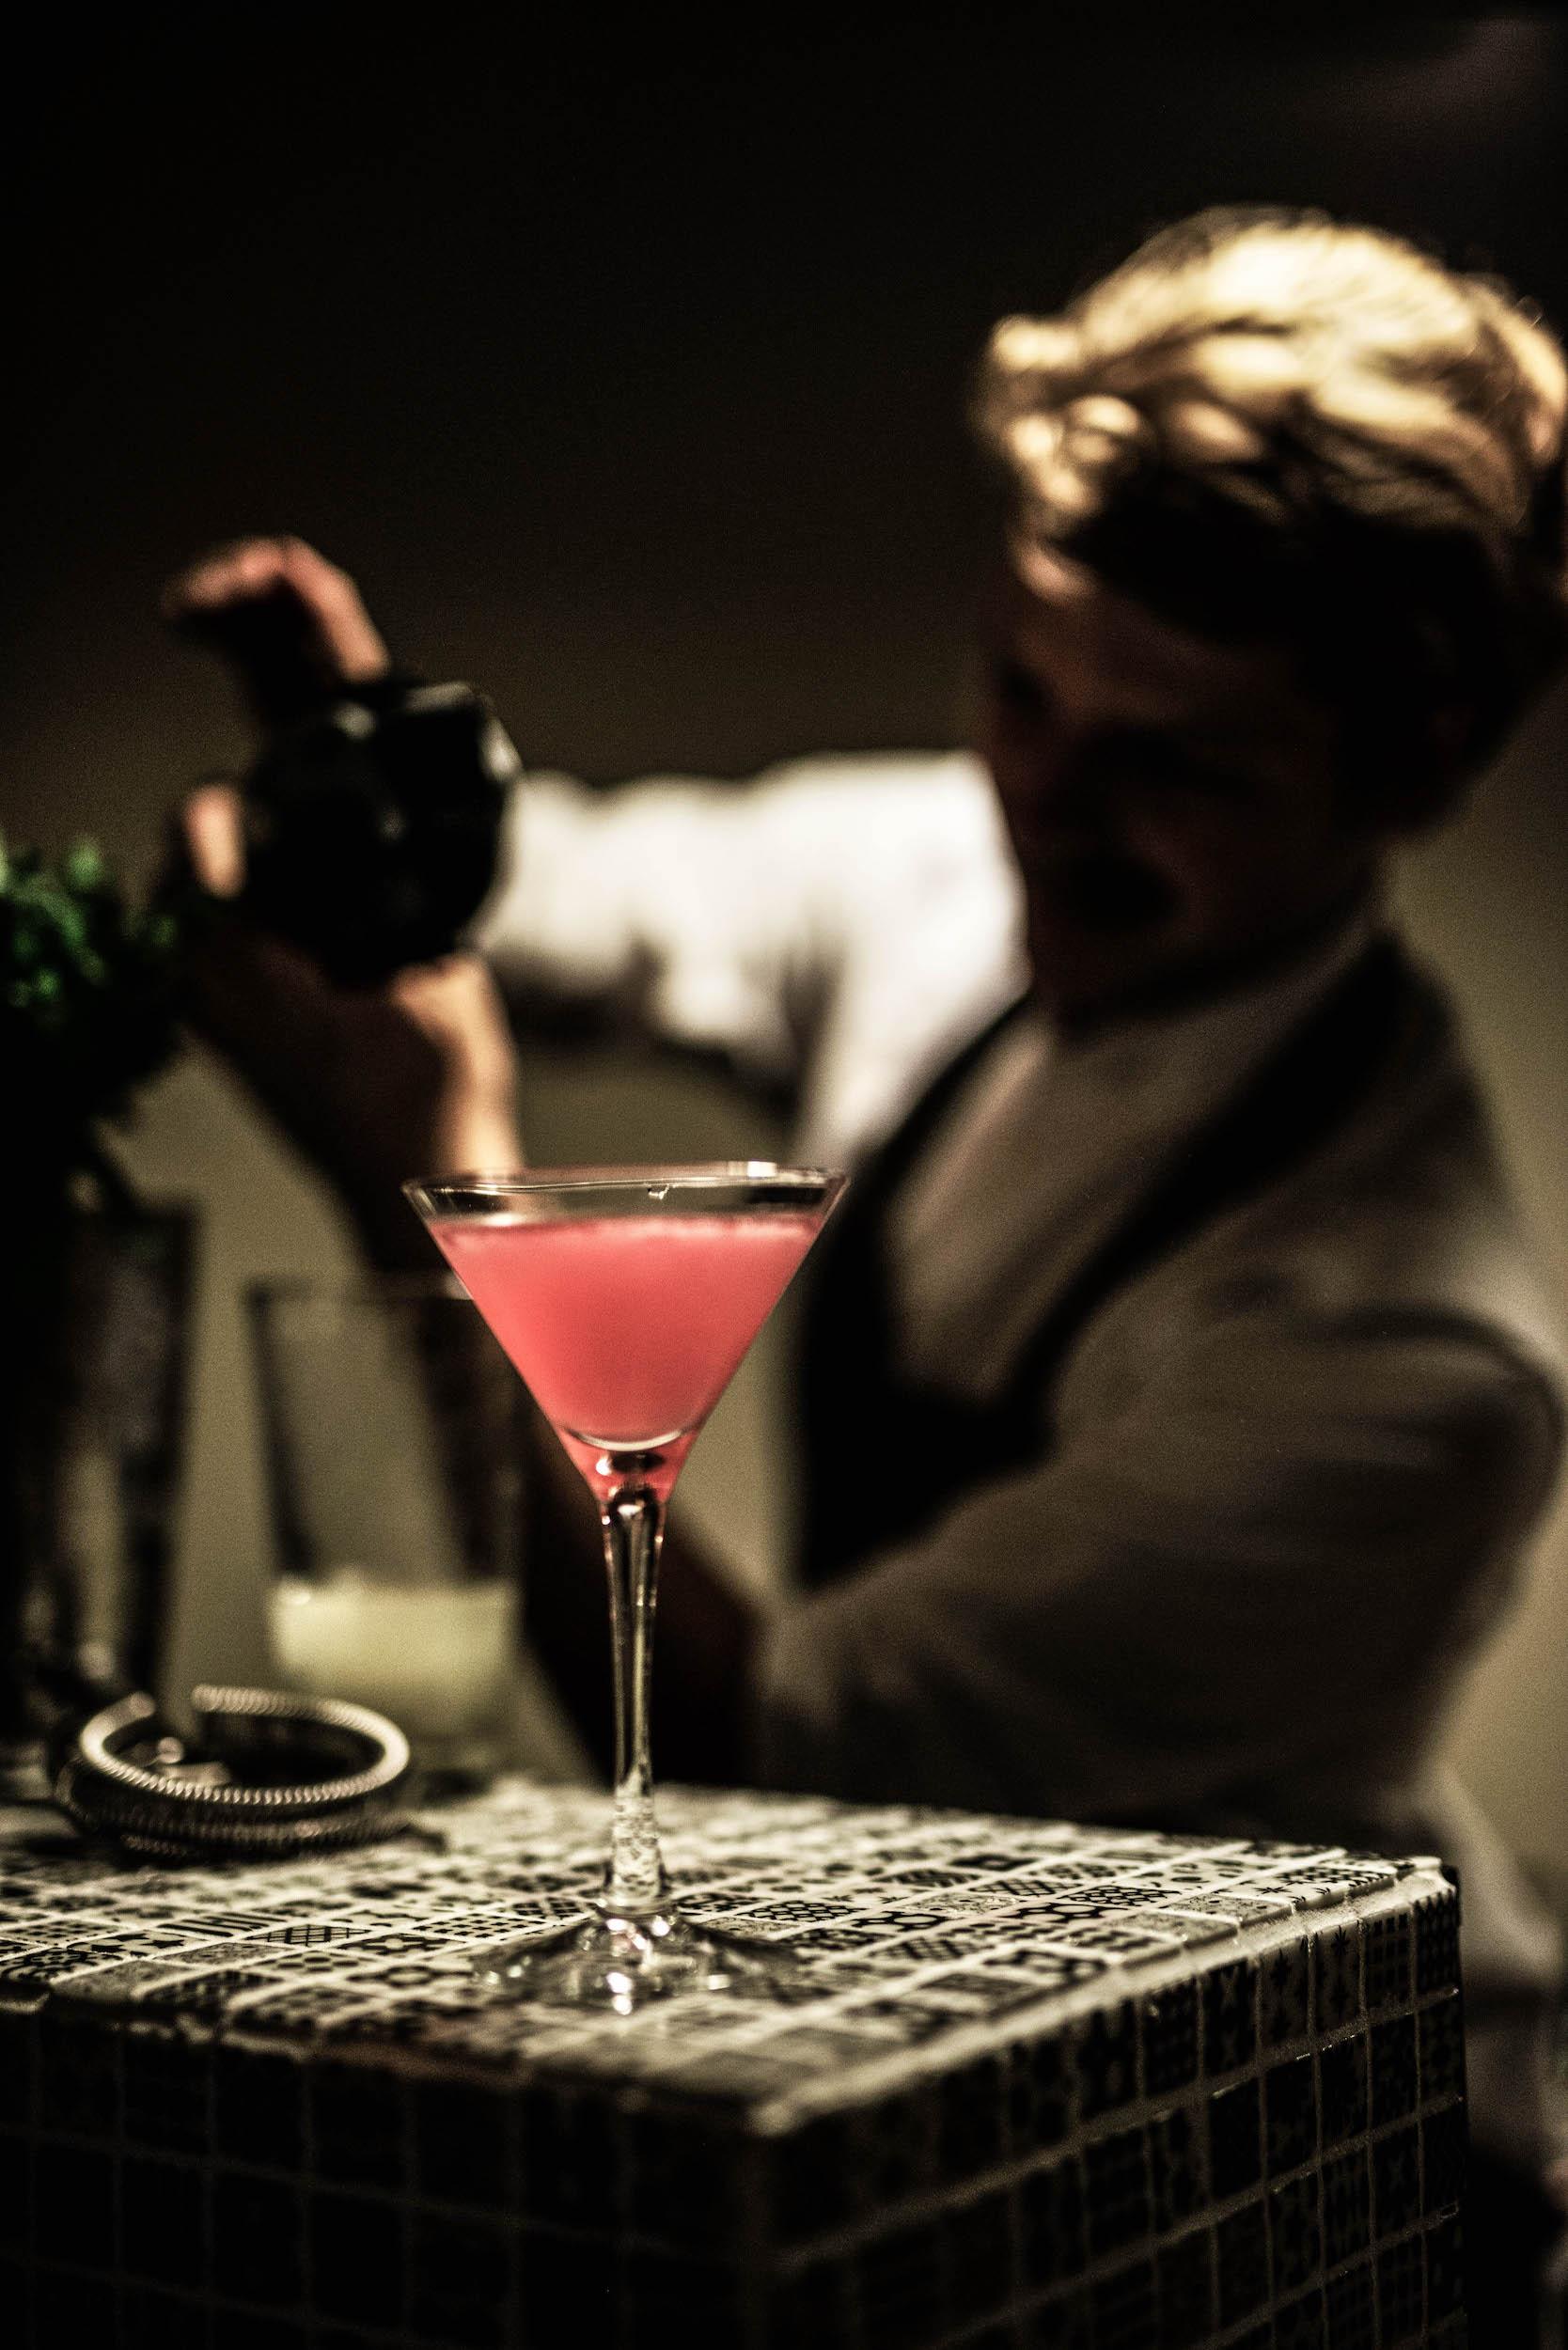 Lej en bartender - cocktails - Liv kastrup-4089.jpg